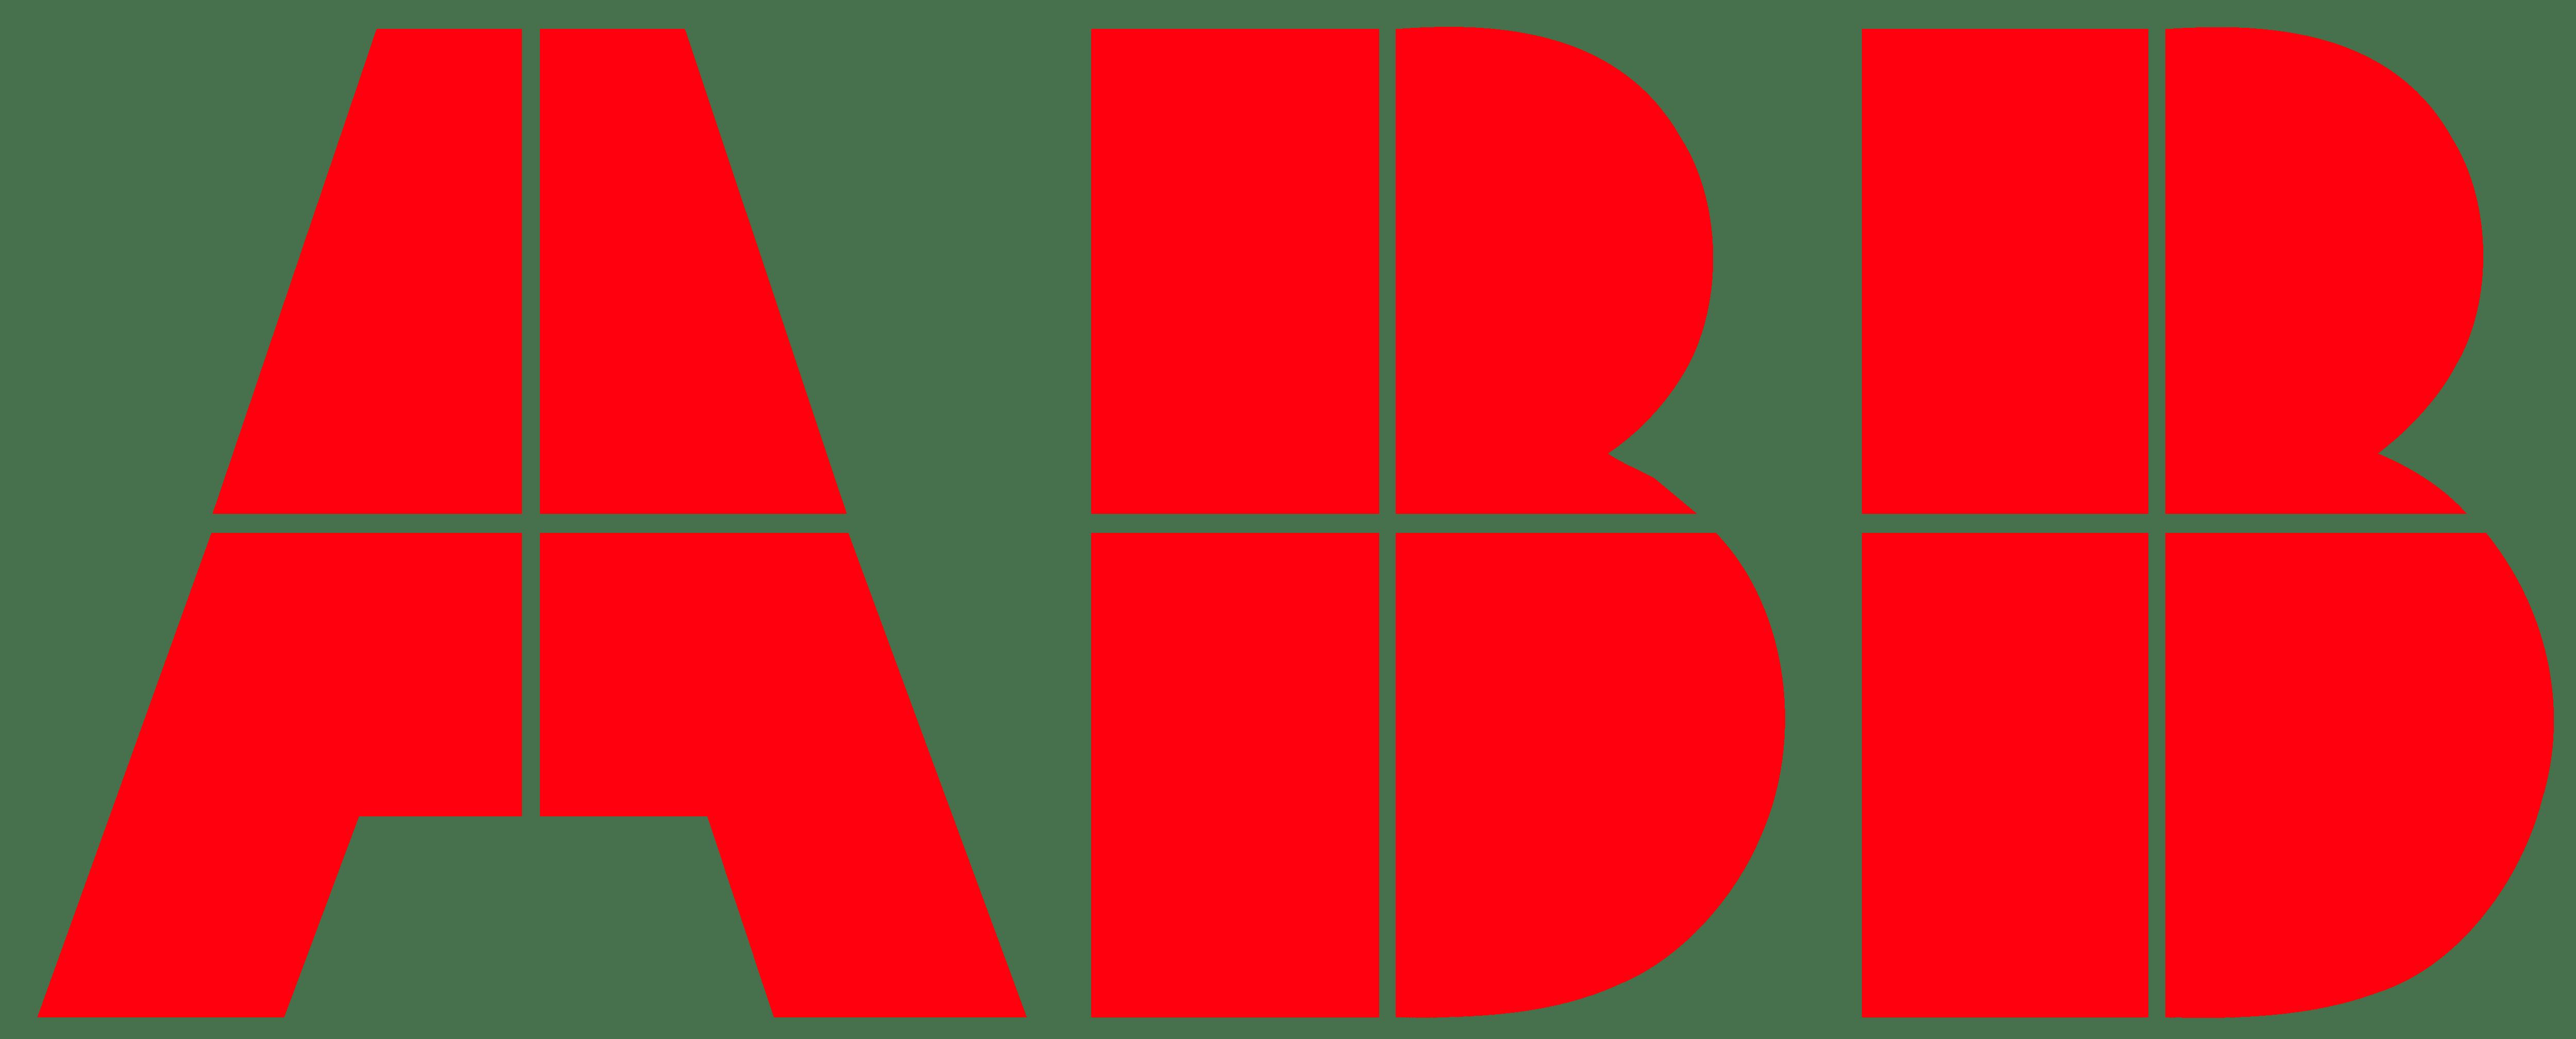 ABB Cable Joints & Cable Terminations 11kV 33kV (12kV-42kV)